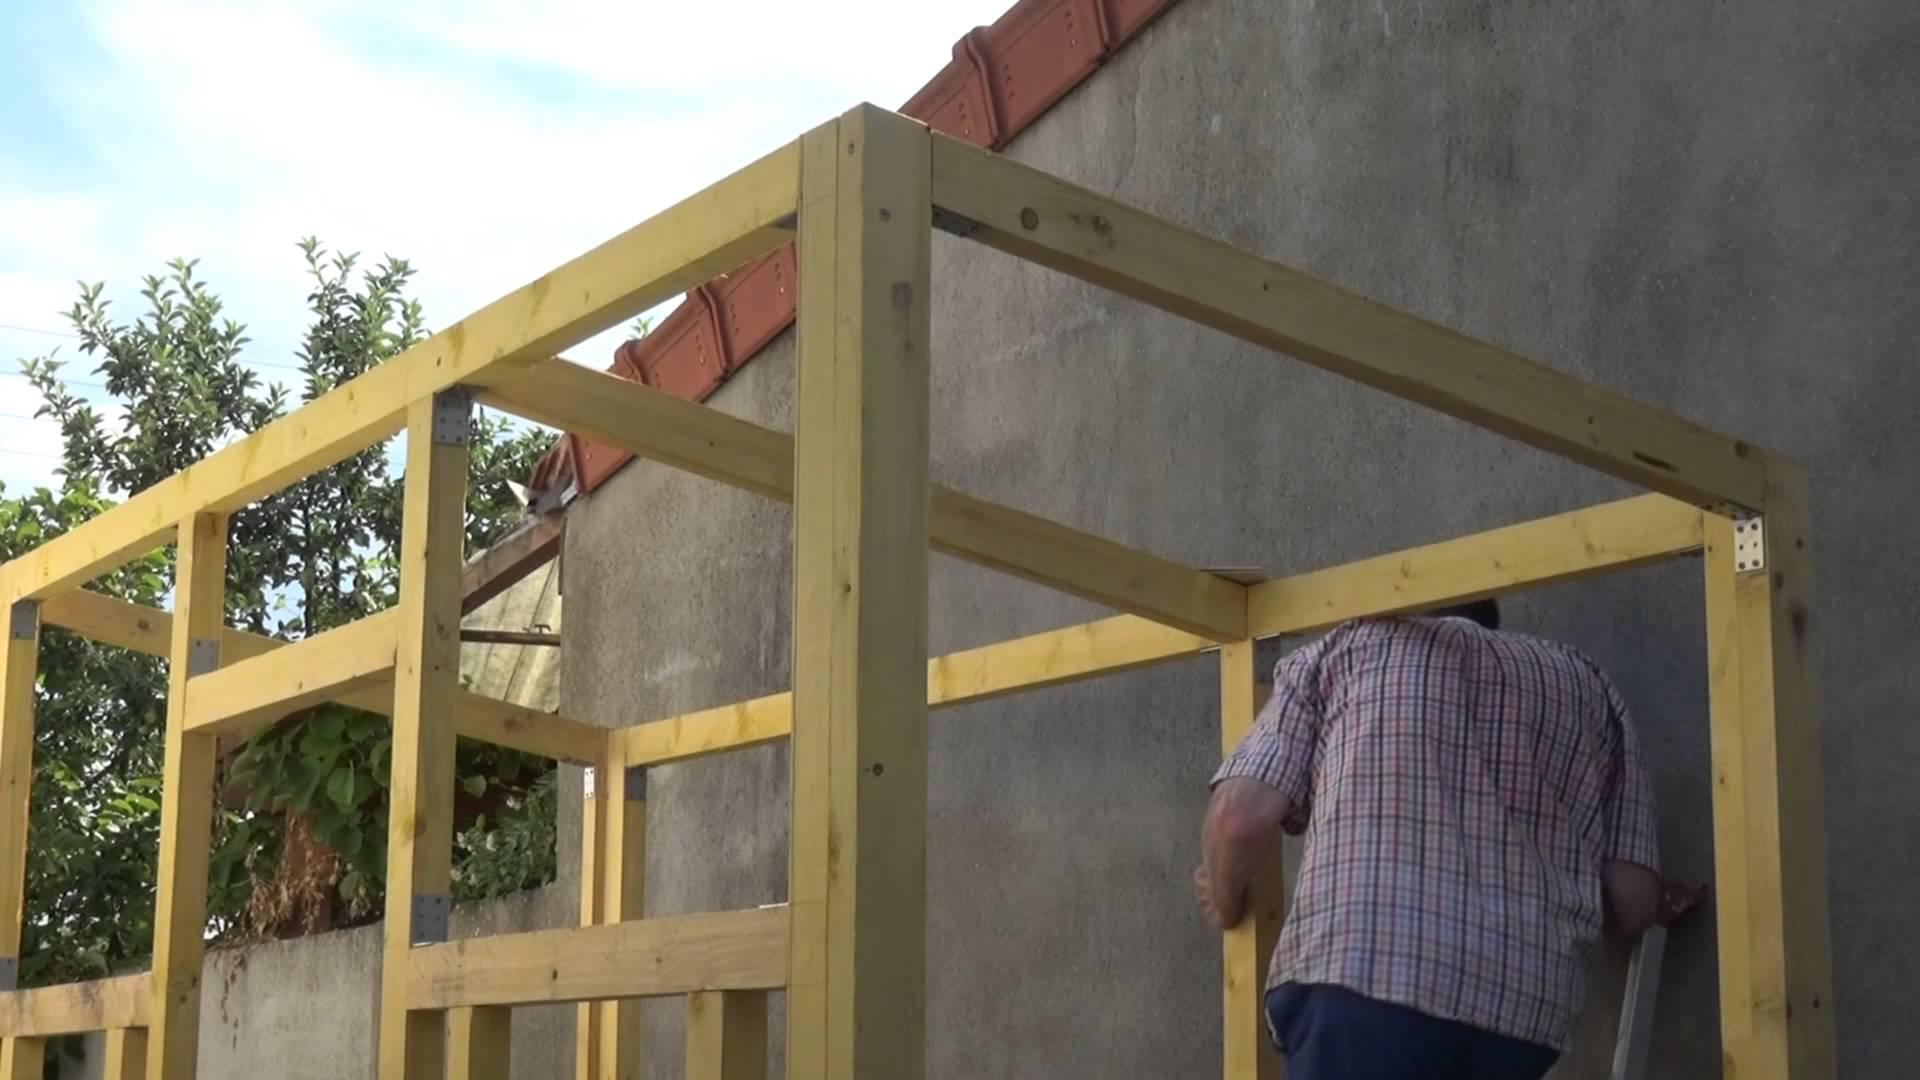 Construire Abri De Jardin Des Idées - Idees Conception Jardin serapportantà Construction Abri De Jardin En Bois